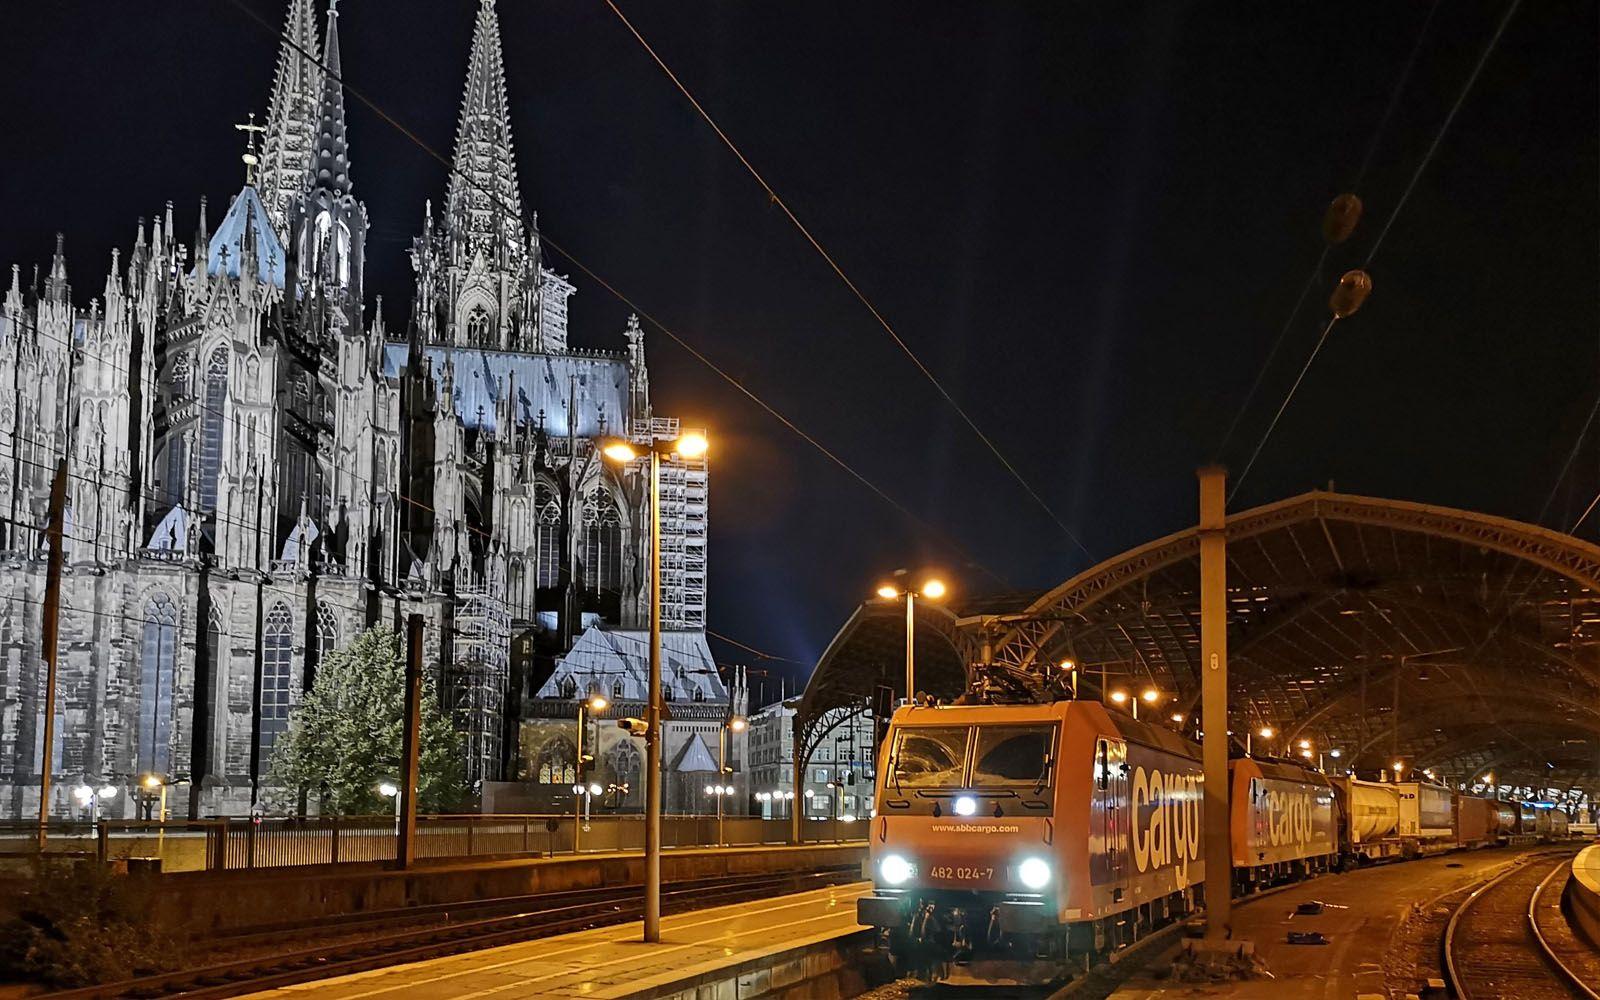 ©FOTO: RAILMEN-LOKFÜHRER ANDRÉ ROSENDAHL Güterzüge im Kölner Hauptbahnhof sind zwar Nachts öfters zu sehen, für mich jedoch war es das erste Mal und so habe ich den Halt zum Feierabend genutzt, um ein Foto des Zuges der SBB Cargo zu Füßen des Kölner Doms aufzunehmen.